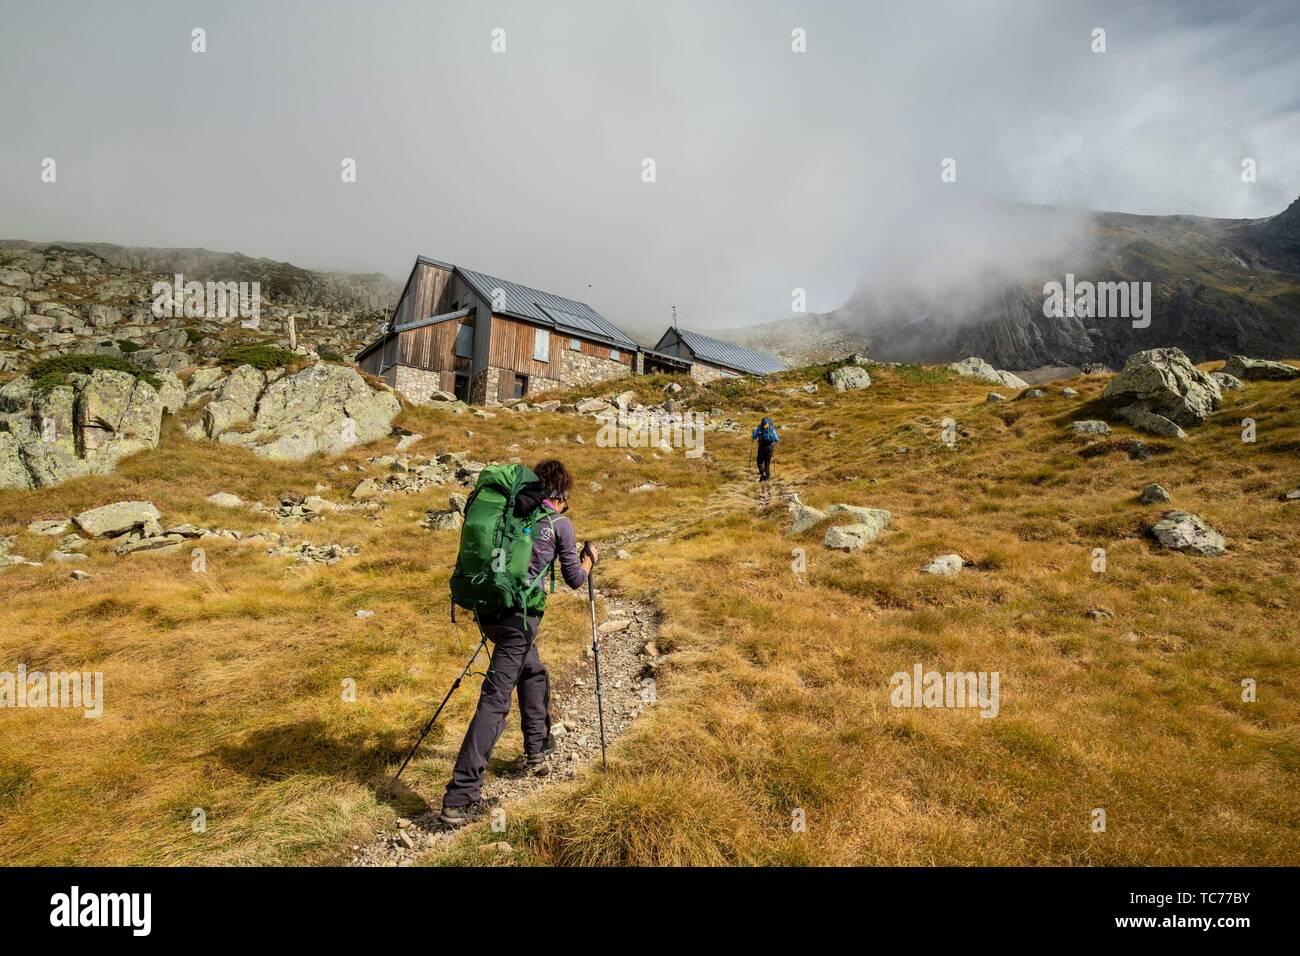 refugio des Estagnous, valle de Valier -Riberot-, Parque Natural Regional de los Pirineos de Ariège, cordillera de los Pirineos, Francia. - Stock Image